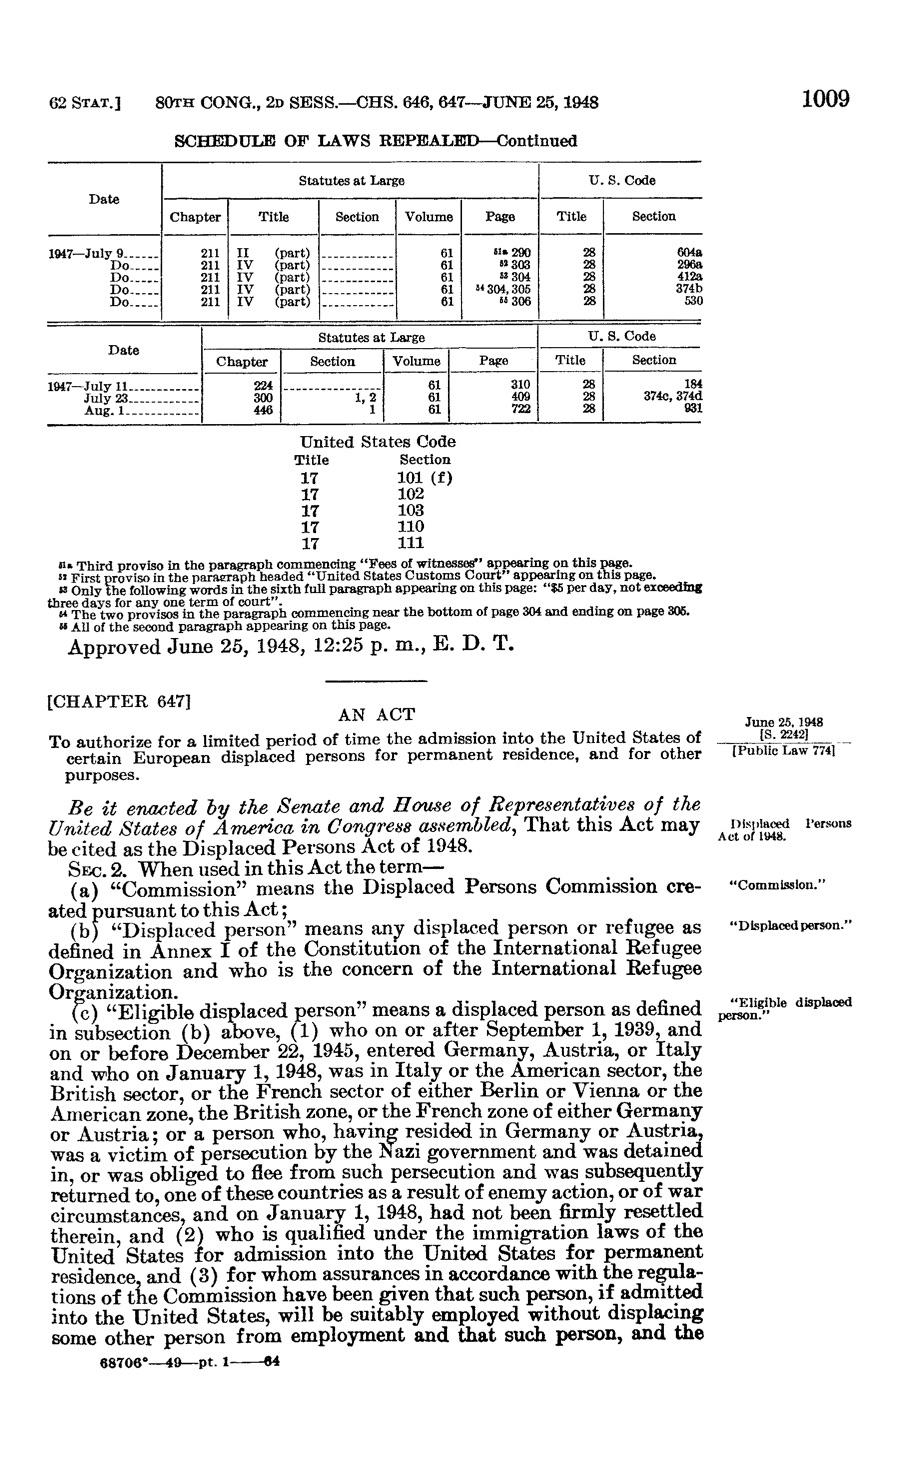 DP Act 1948